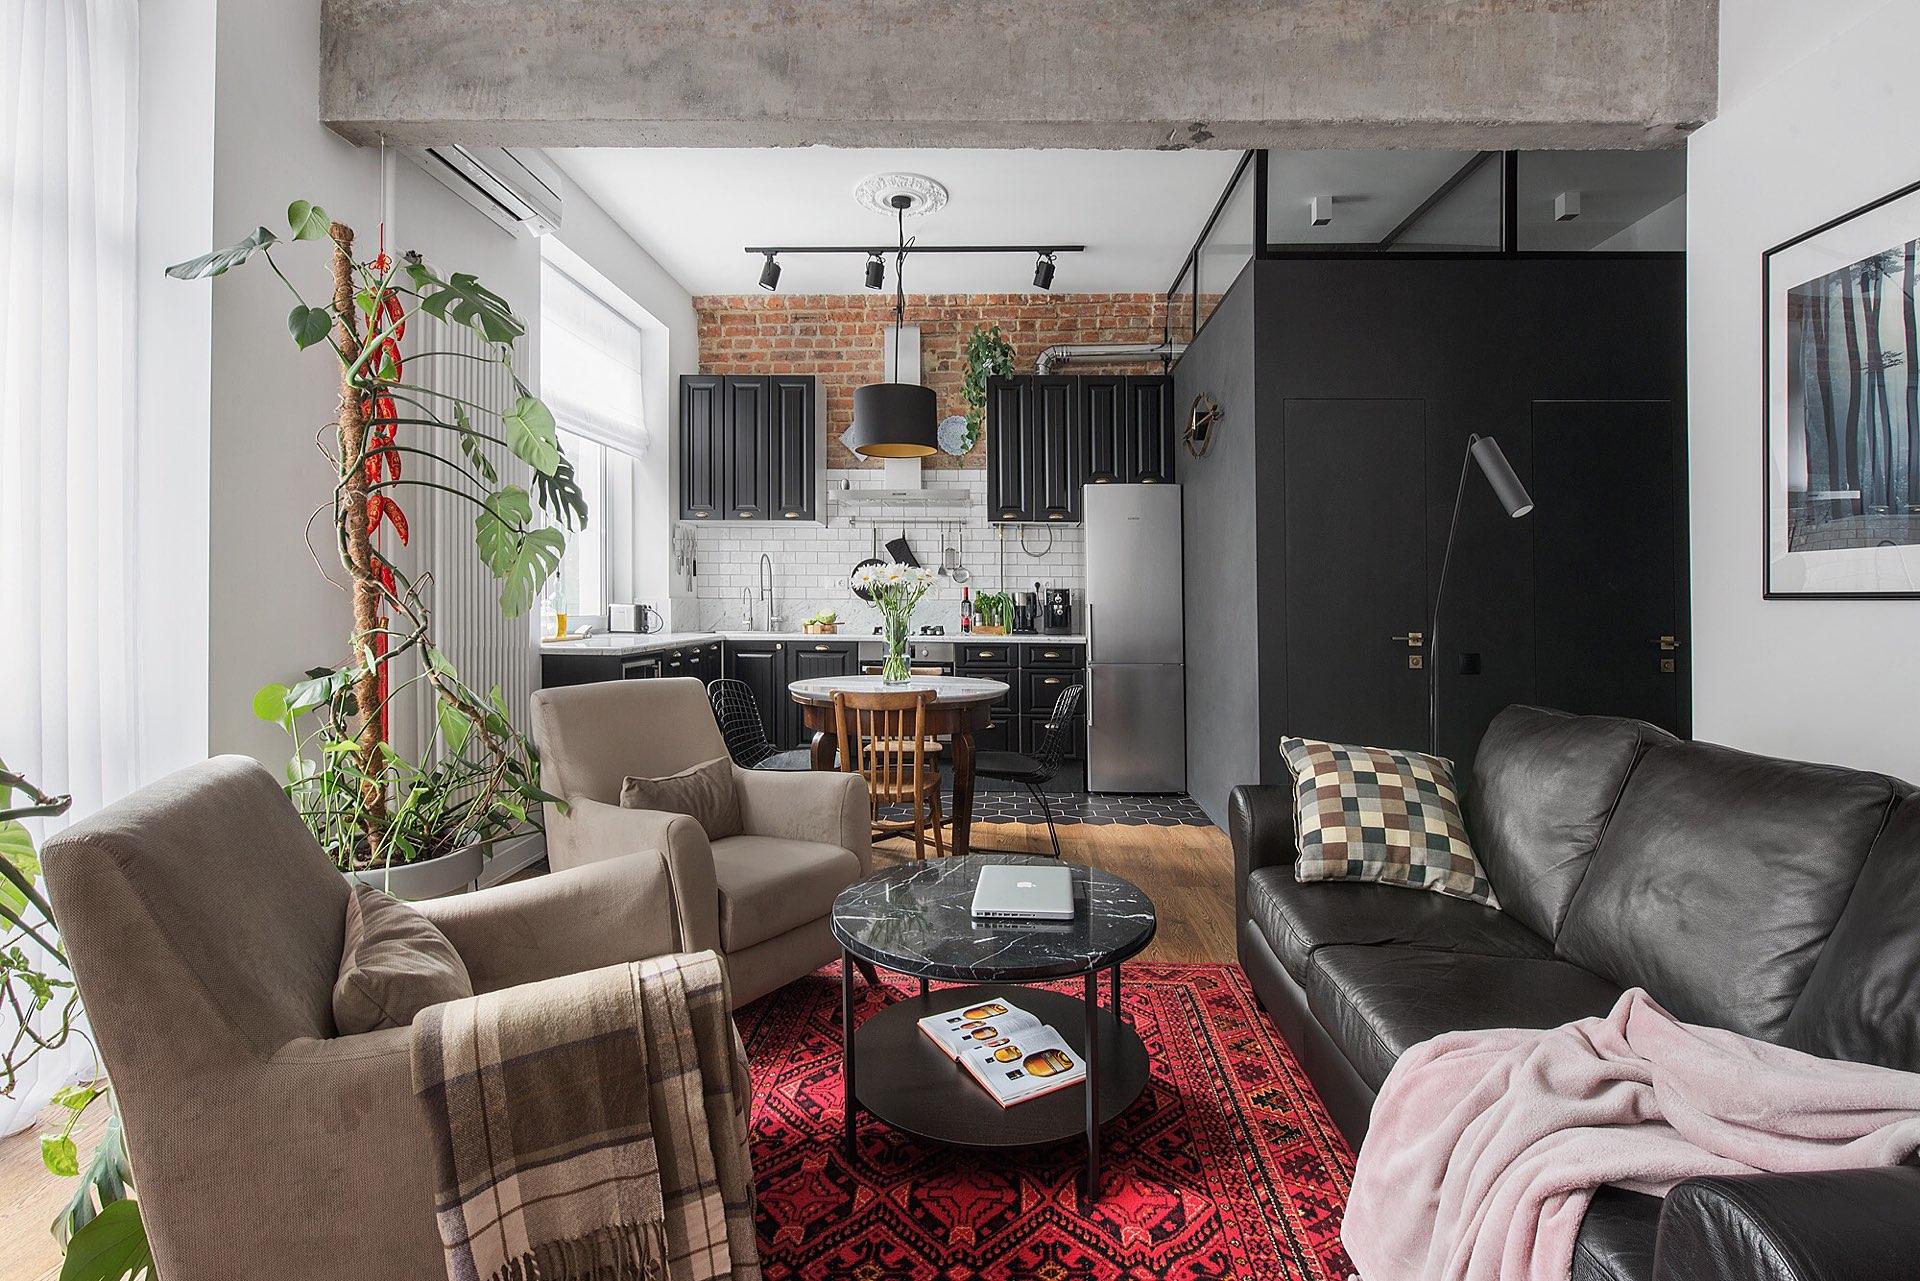 гостиная кухня кресла кожаный диван круглый столик